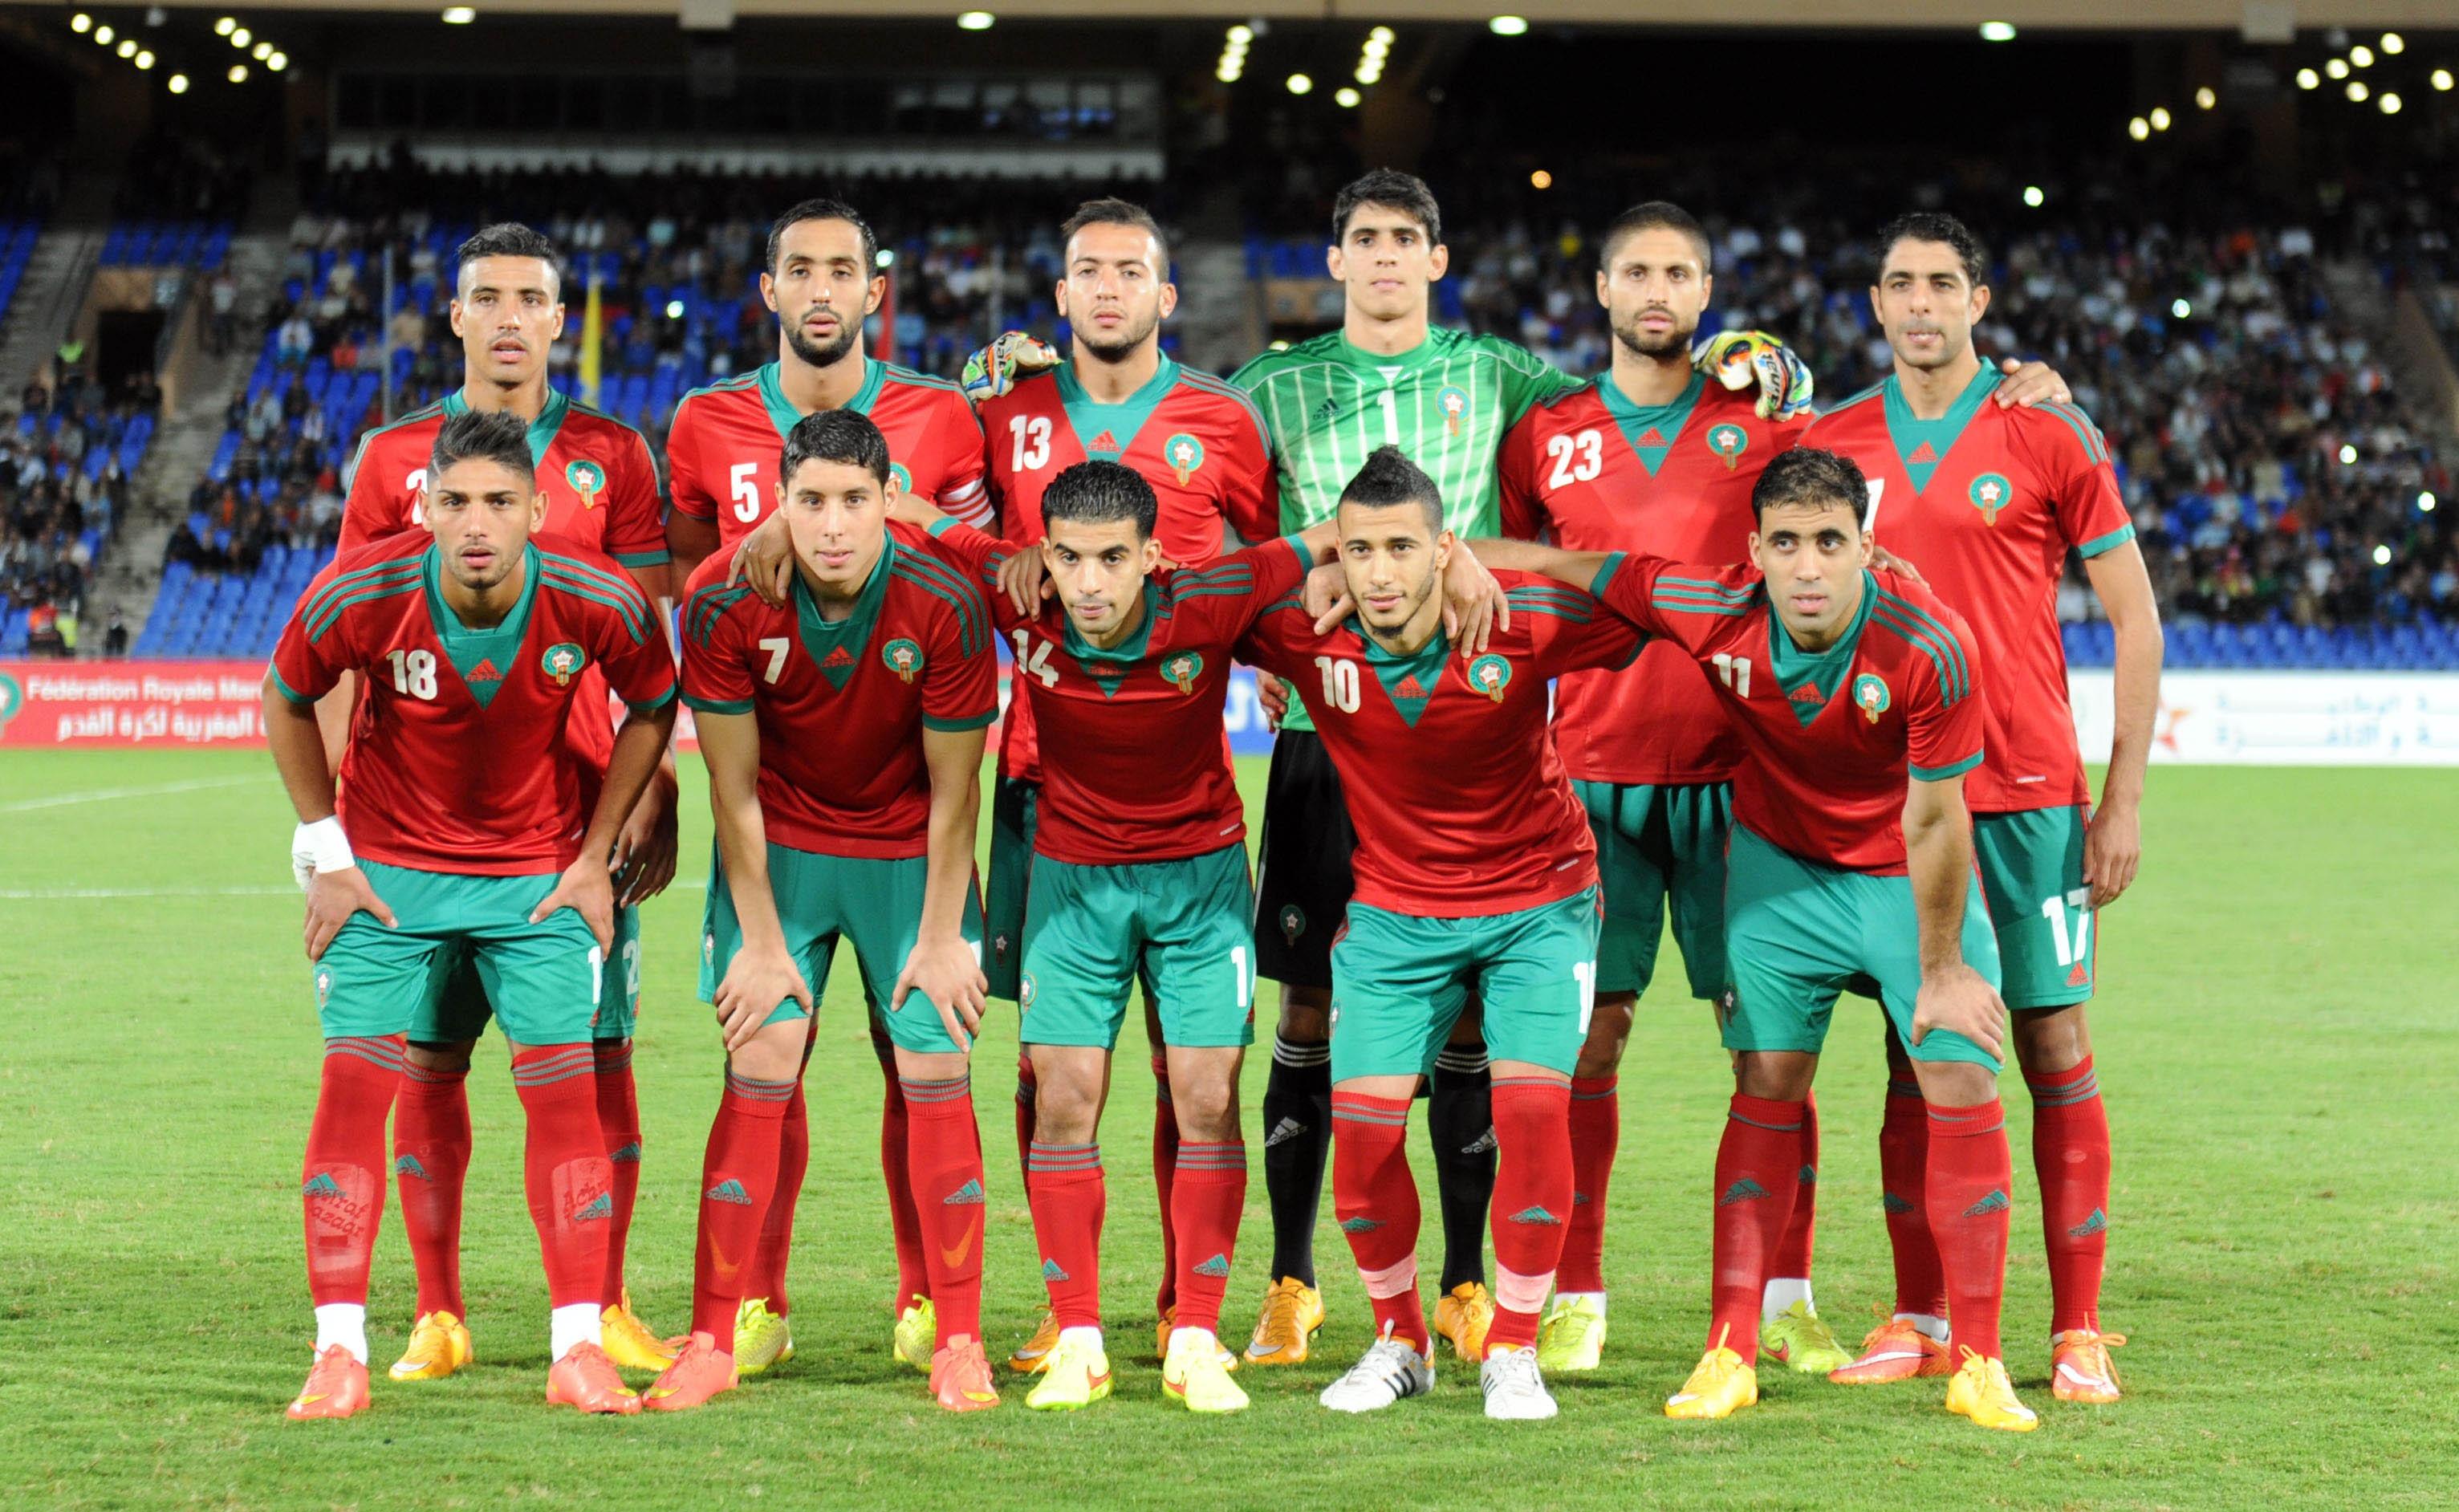 صور منتخب تونس 13 1 صور منتخب المغرب خلفيات المنتخب المغربي